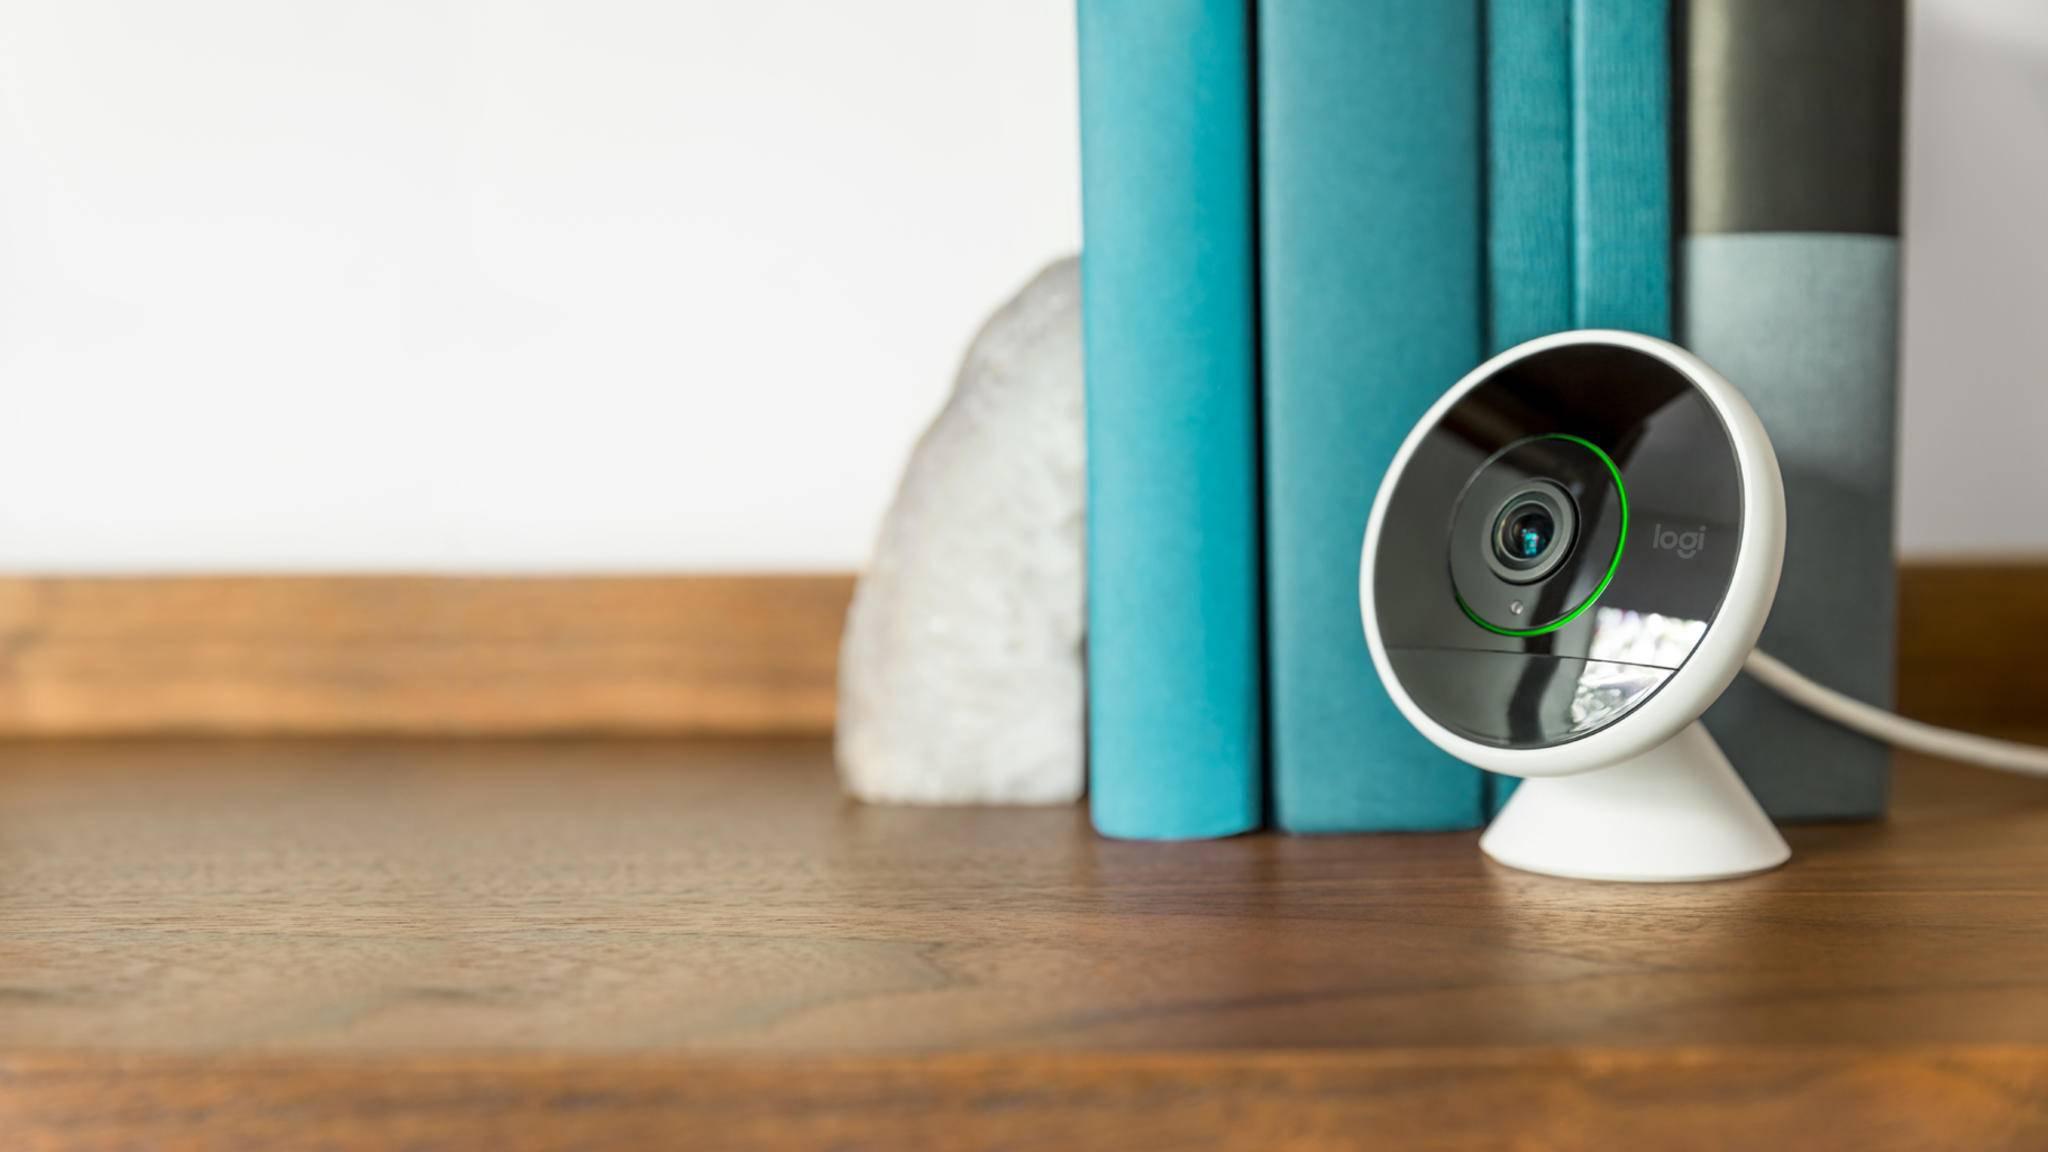 Indoor-Cams wie die Circle 2 von Logitech (im Bild) sorgen zu Hause einfach für mehr Sicherheit.